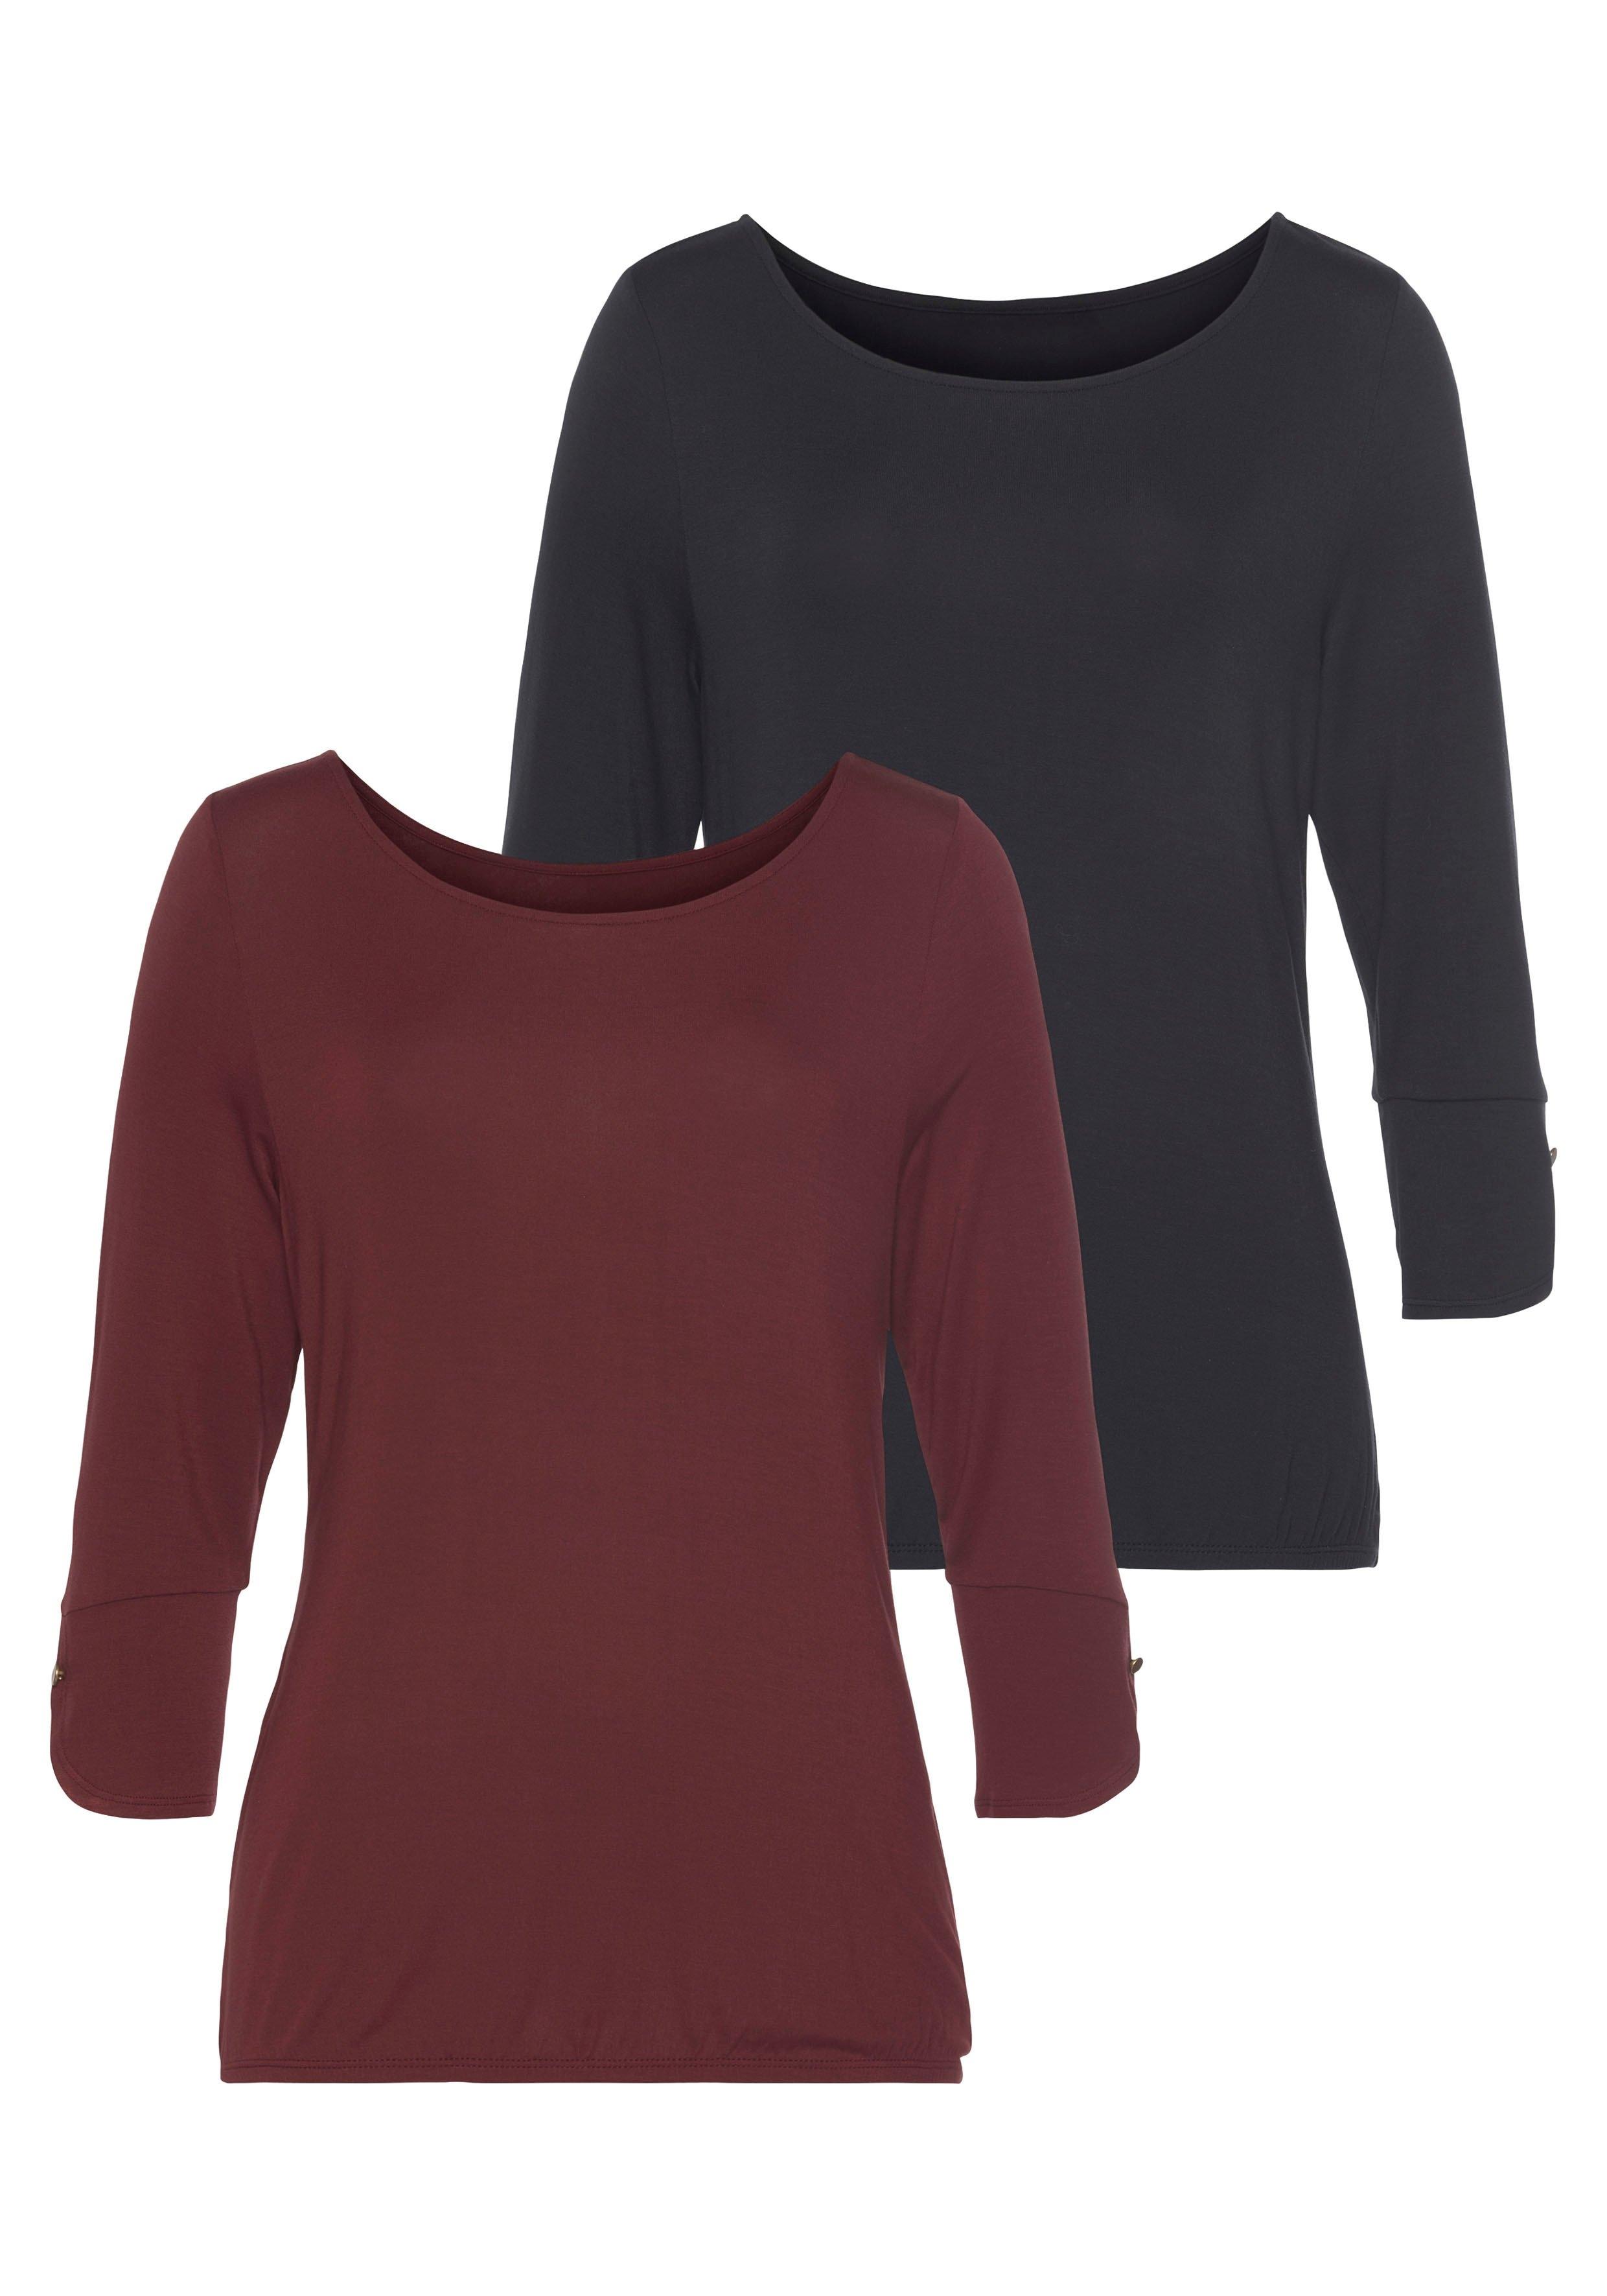 Vivance shirt met 3/4-mouwen (Set van 2) - gratis ruilen op lascana.nl